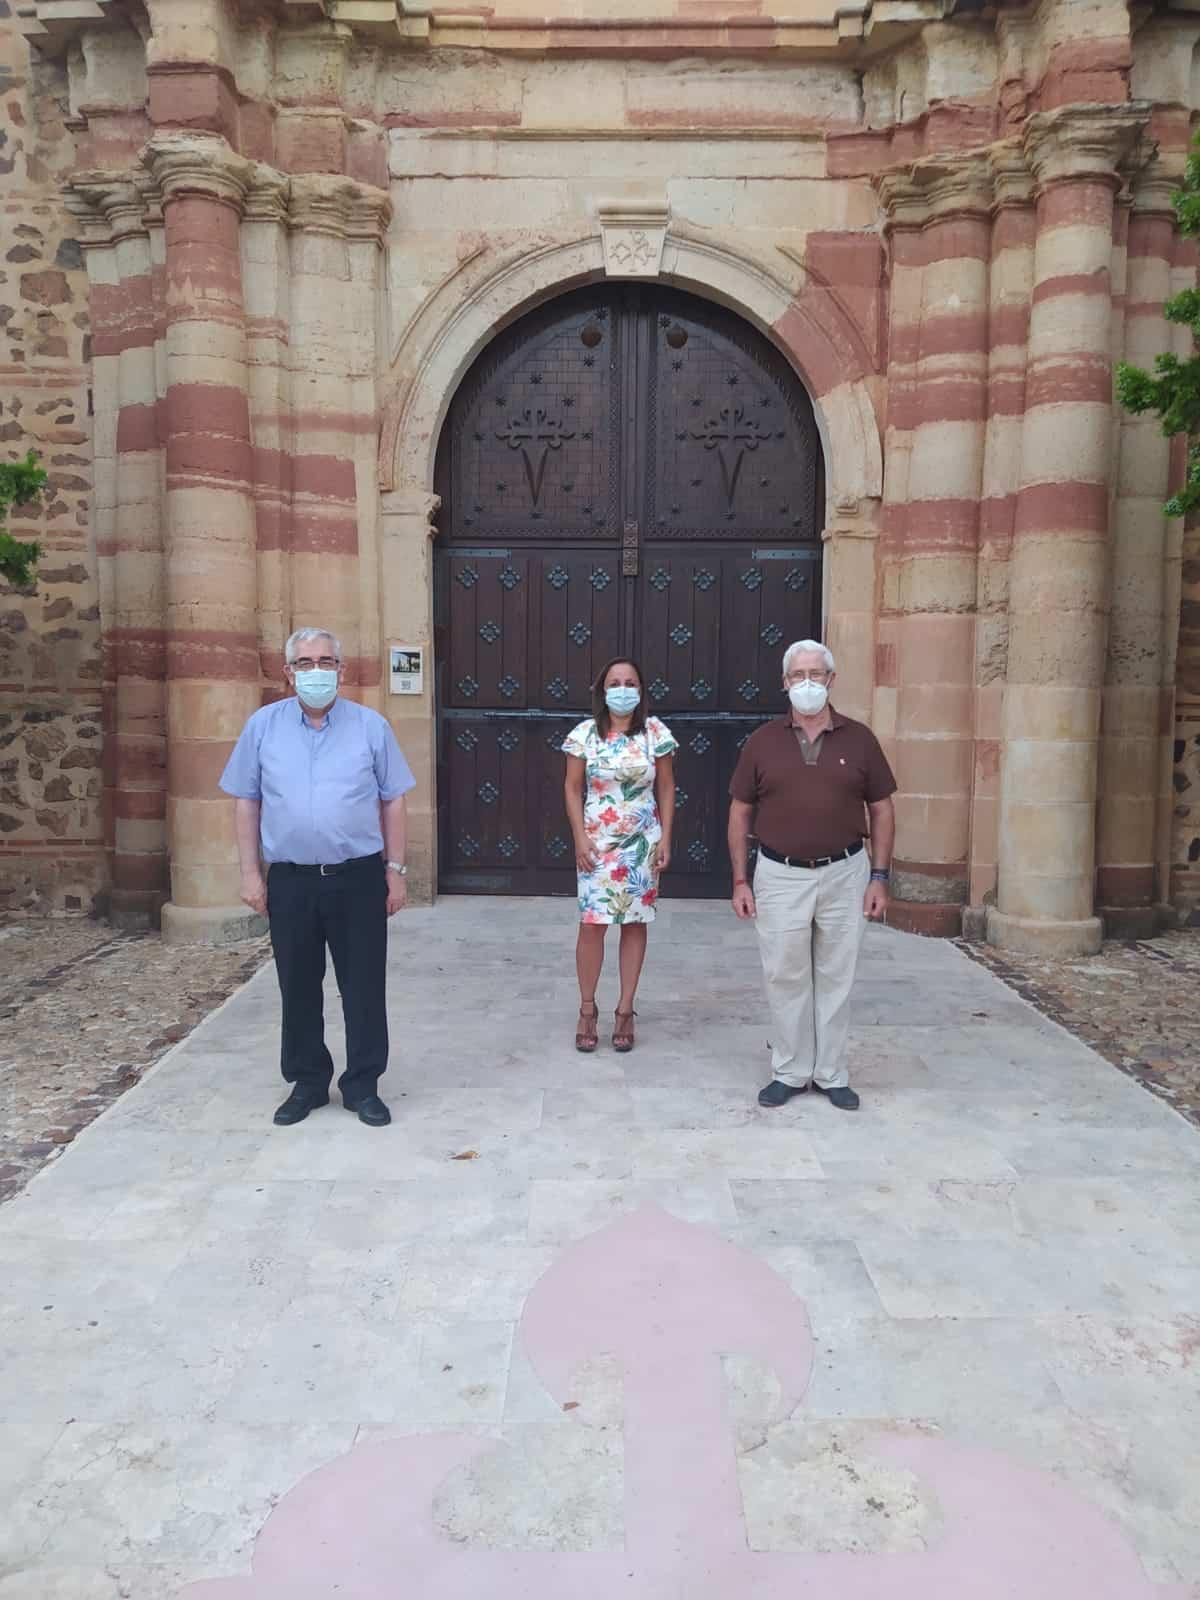 Castellar de Santiago no va a suspender los actos de sus fiestas patronales en honor al Santísimo Cristo en septiembre si las circunstancias lo permiten 1